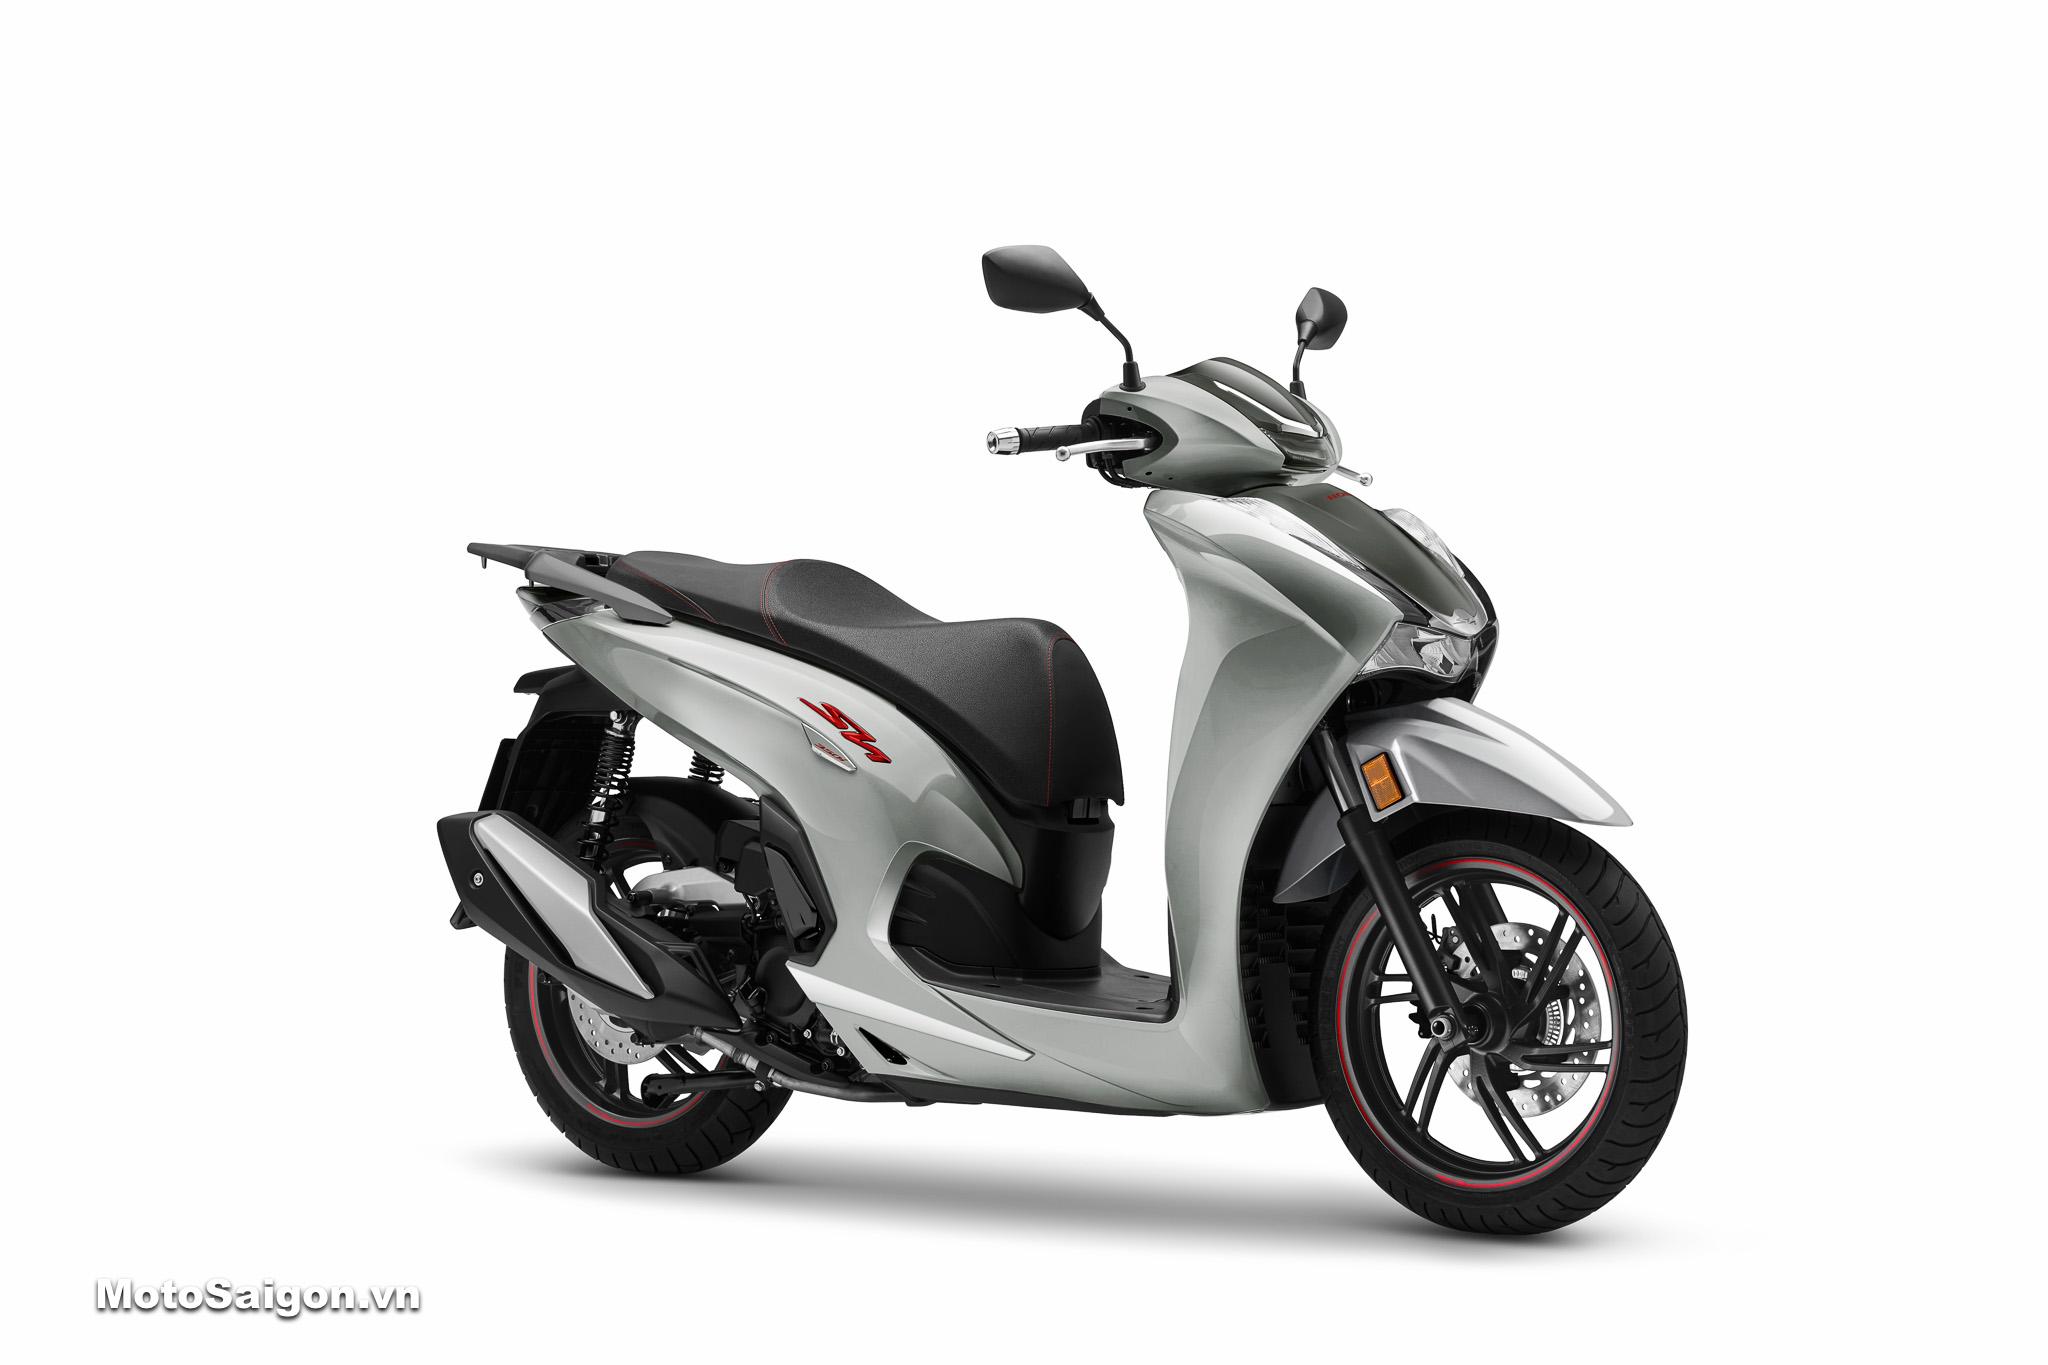 Giá xe Honda Sh350i màu xám đen 2021 chính hãng